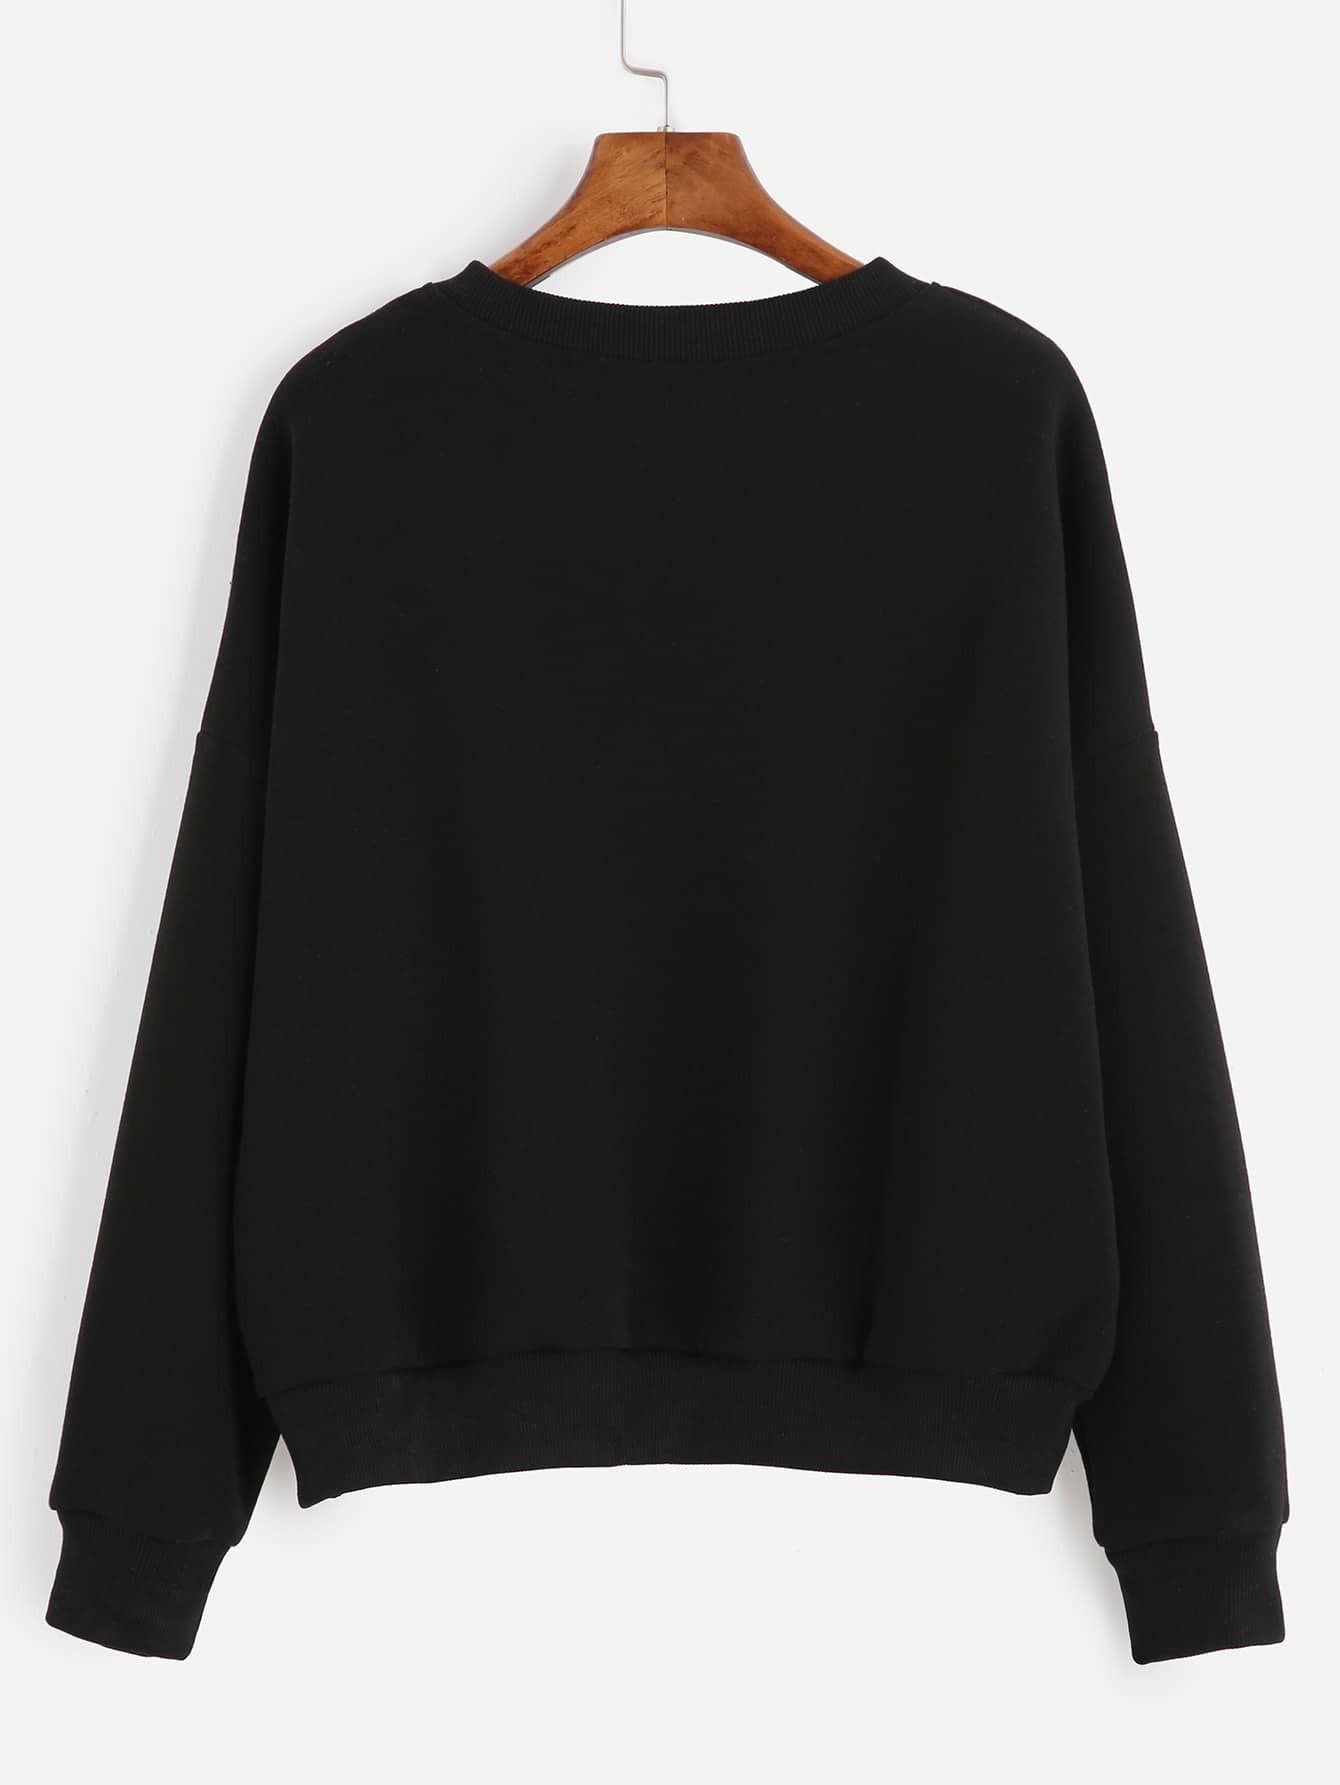 sweatshirt160829123_2